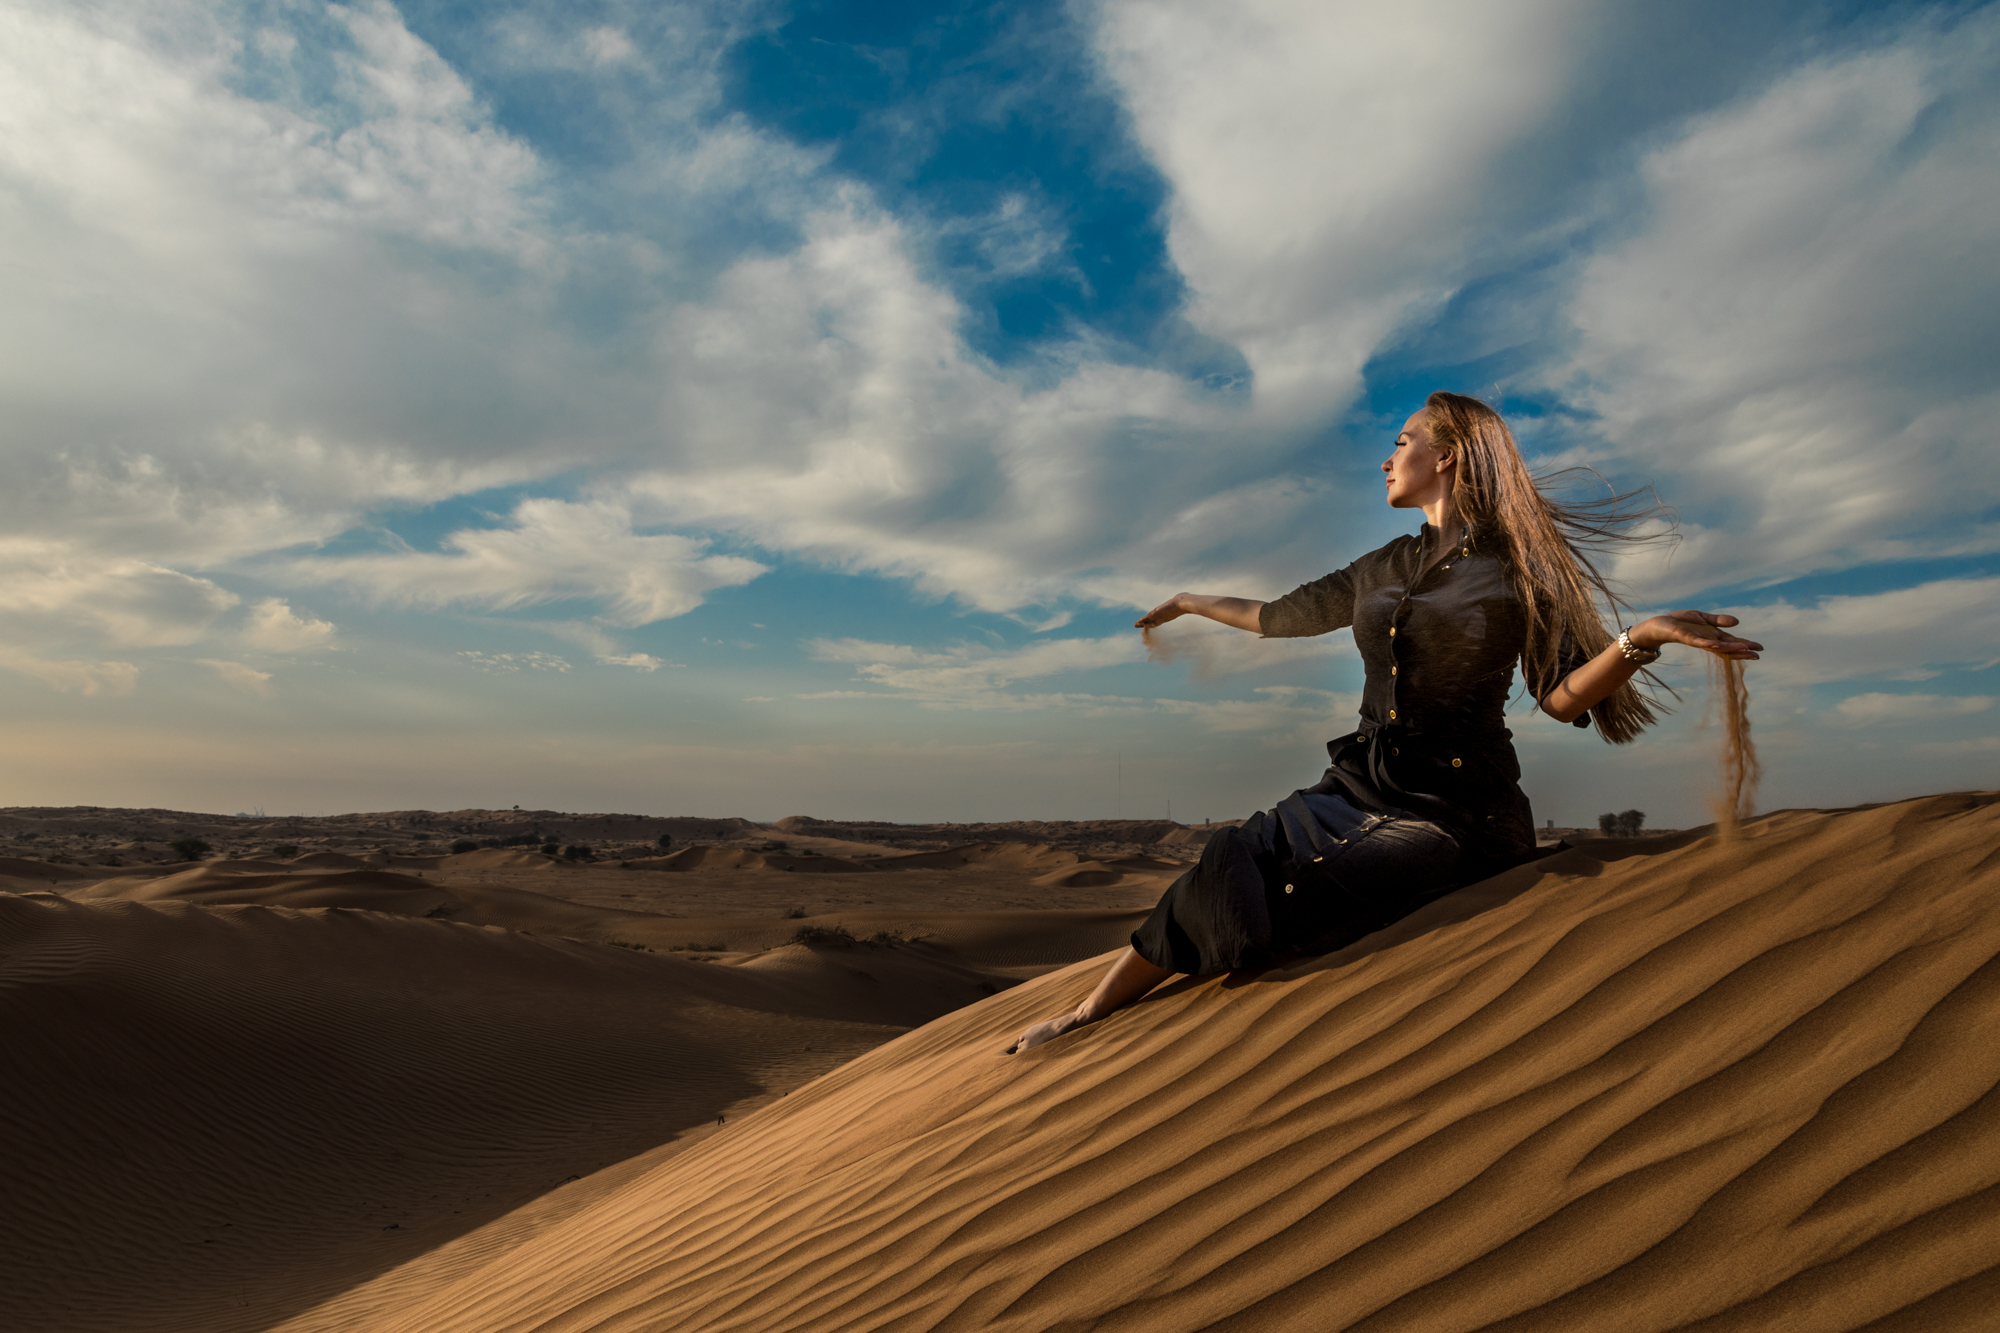 Natalia's Desert Shoot February 18, 2019